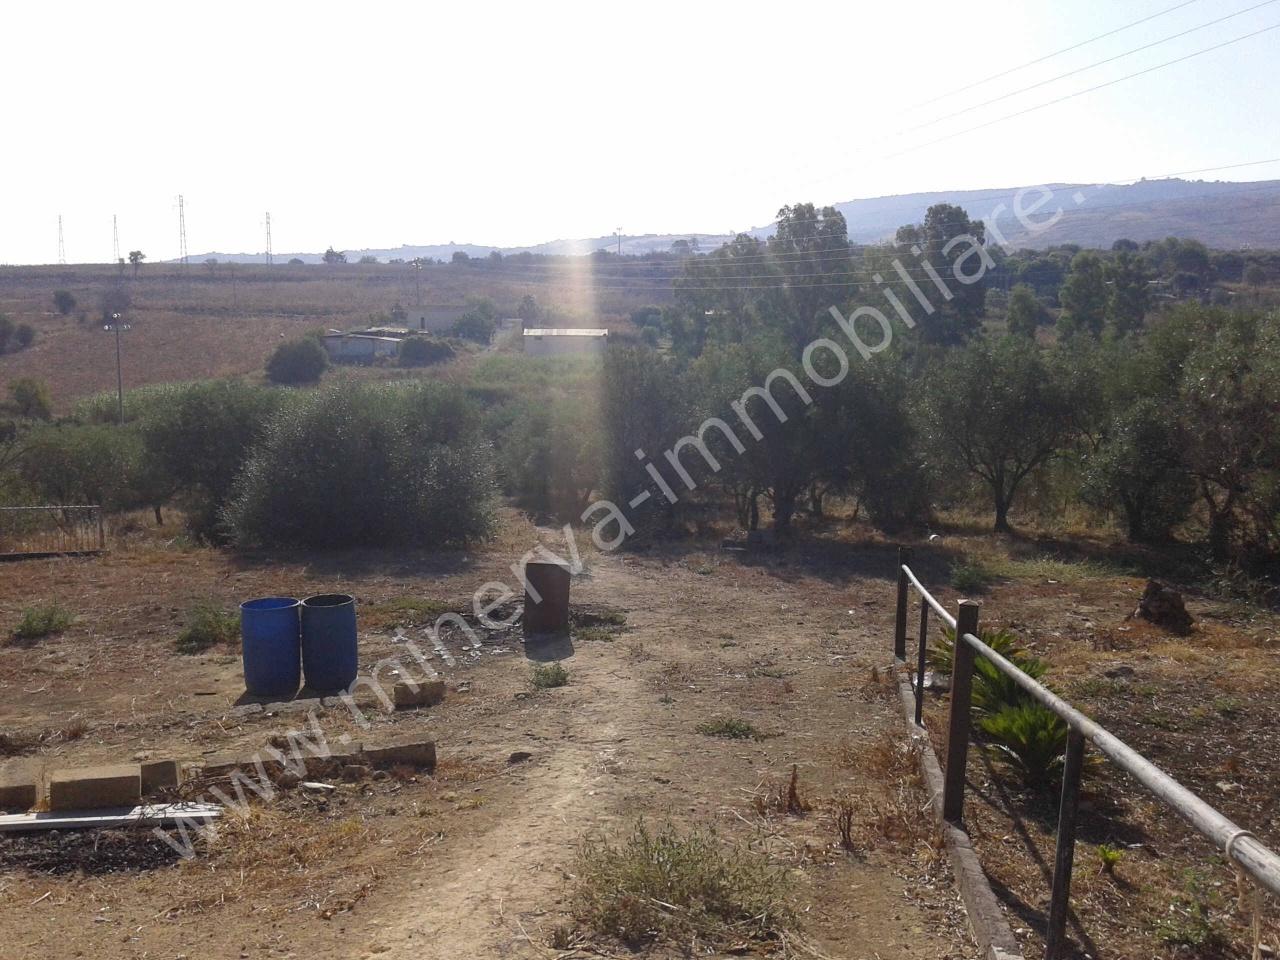 Terreno Agricolo in vendita a Carlentini, 2 locali, prezzo € 45.000 | CambioCasa.it